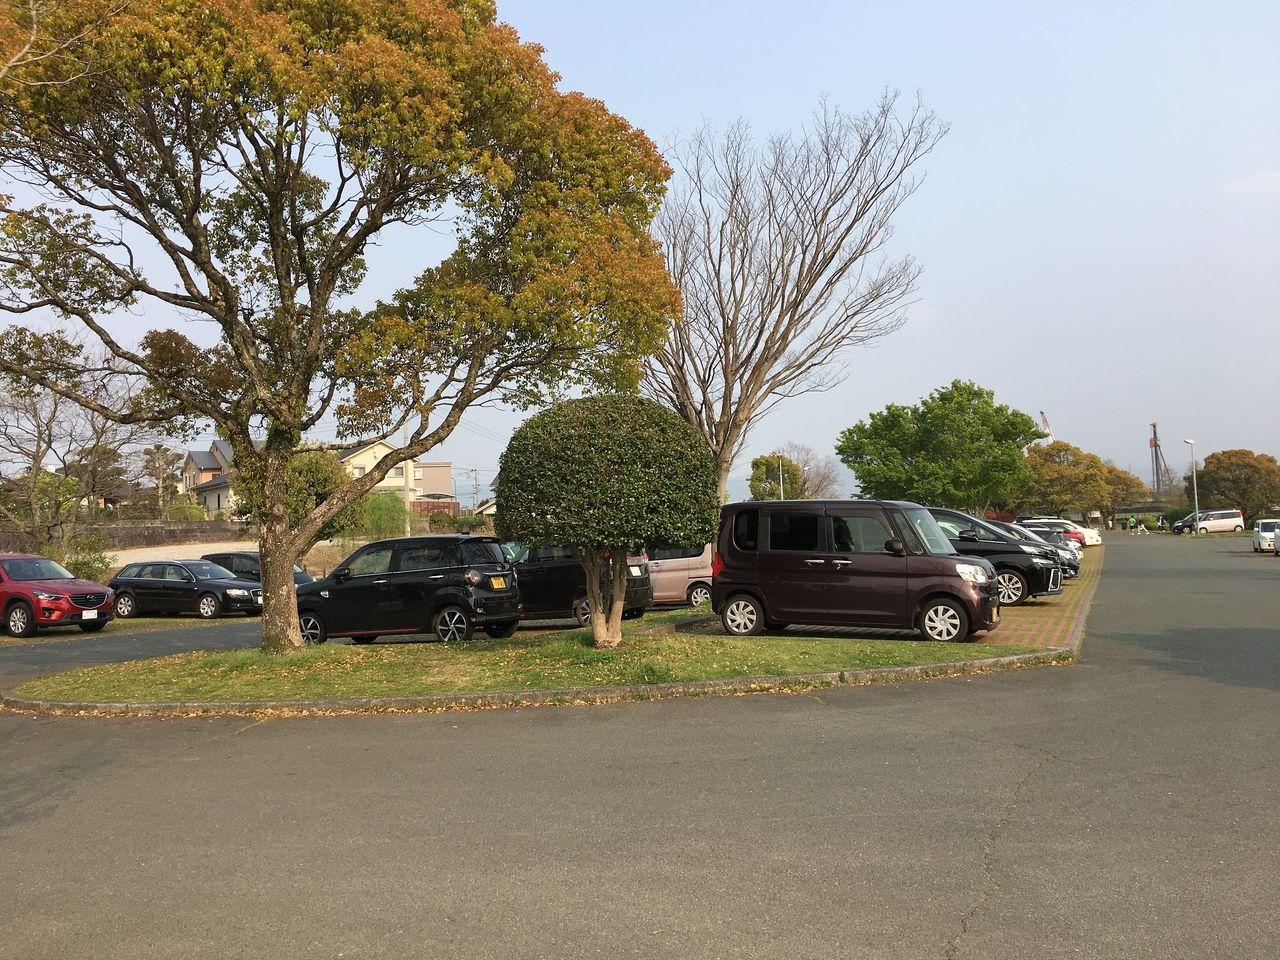 熊本市東区の水前寺江津湖公園・広木地区新緑の木々に囲まれている駐車場